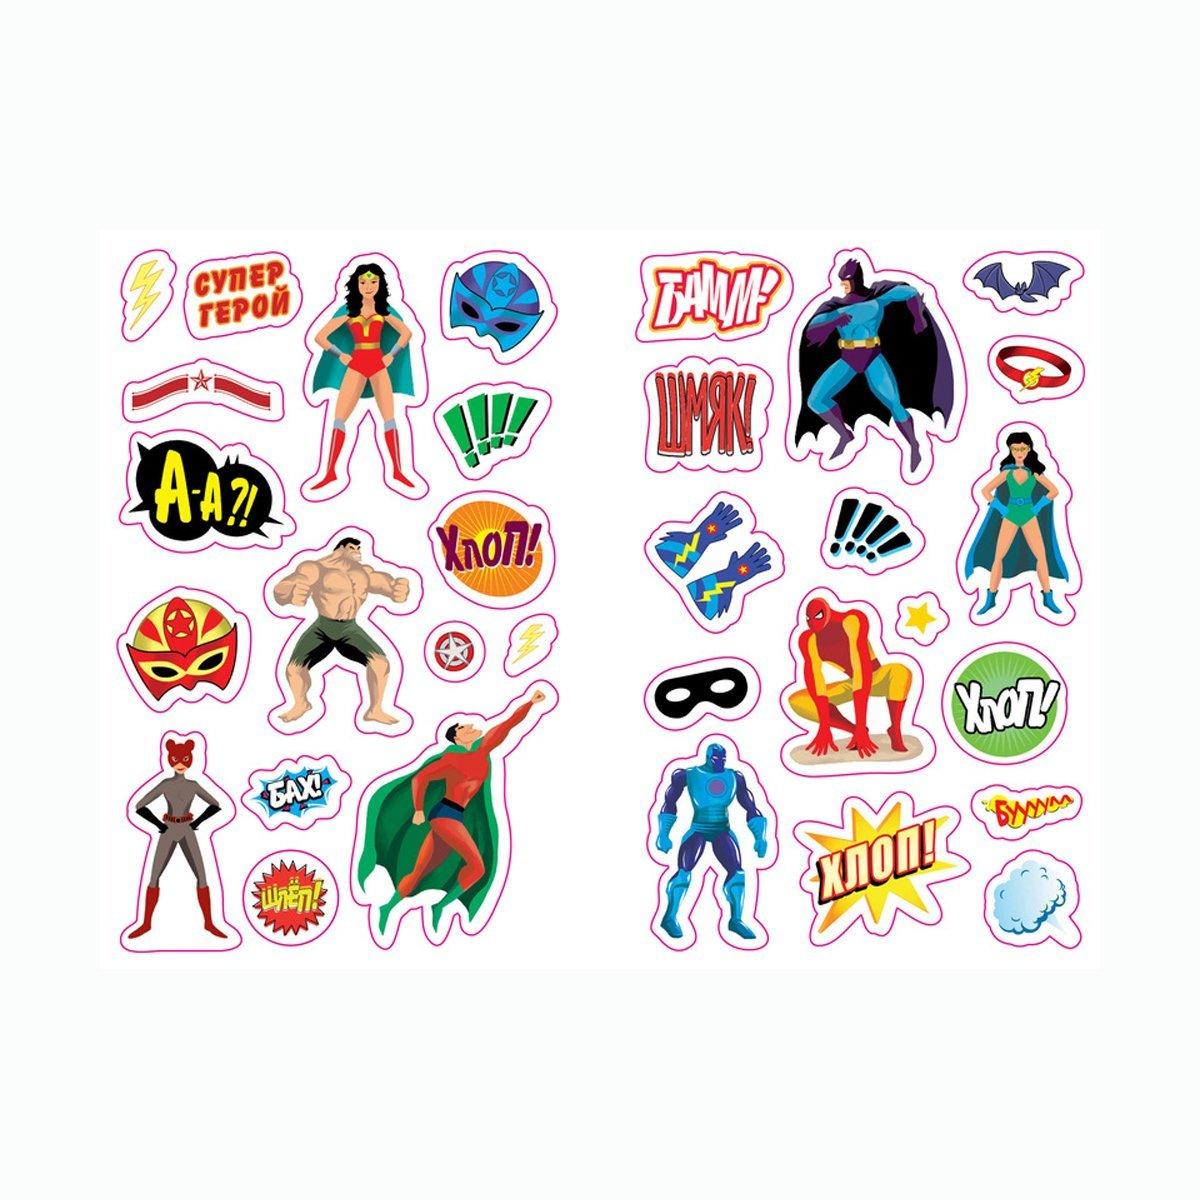 Купить Книги - игрушки, Специально для мальчиков, Machaon, 172с. 978-5-389-11089-2 ТМ: Machaon